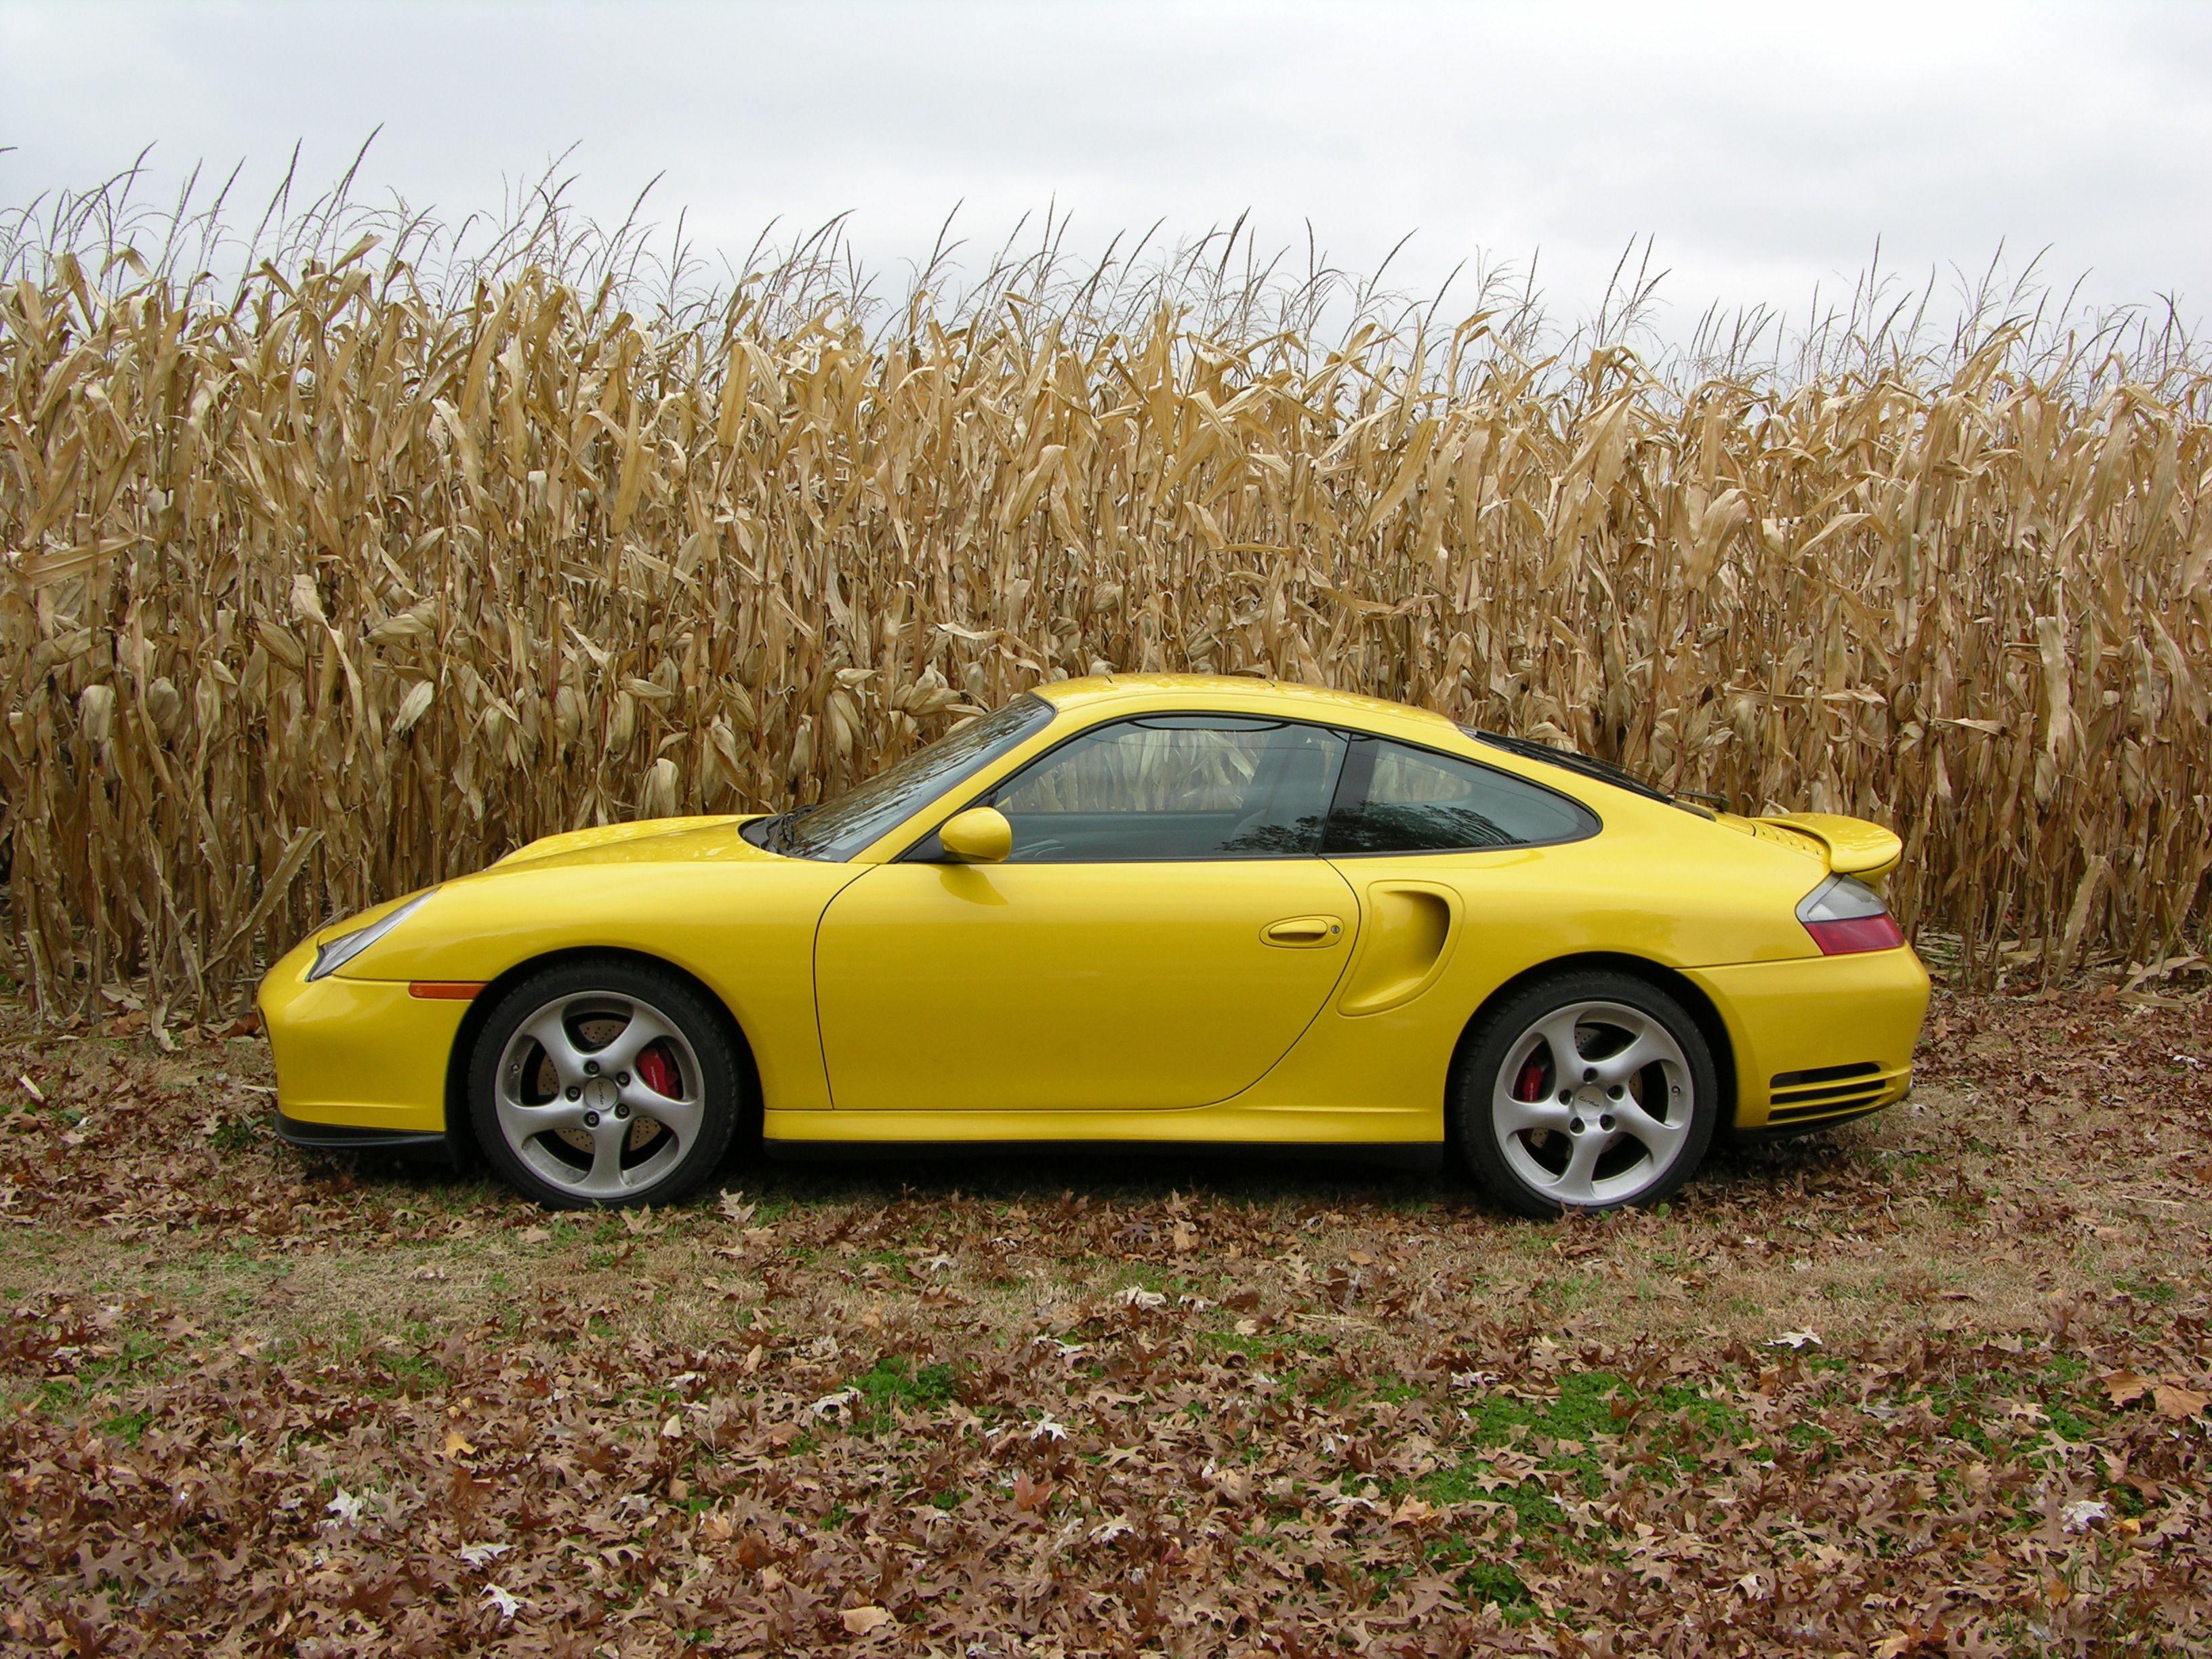 e6b3bc762f6f5e92f00a7f7540151790 Terrific 2002 Porsche 911 Carrera Turbo Gt2 X50 Cars Trend